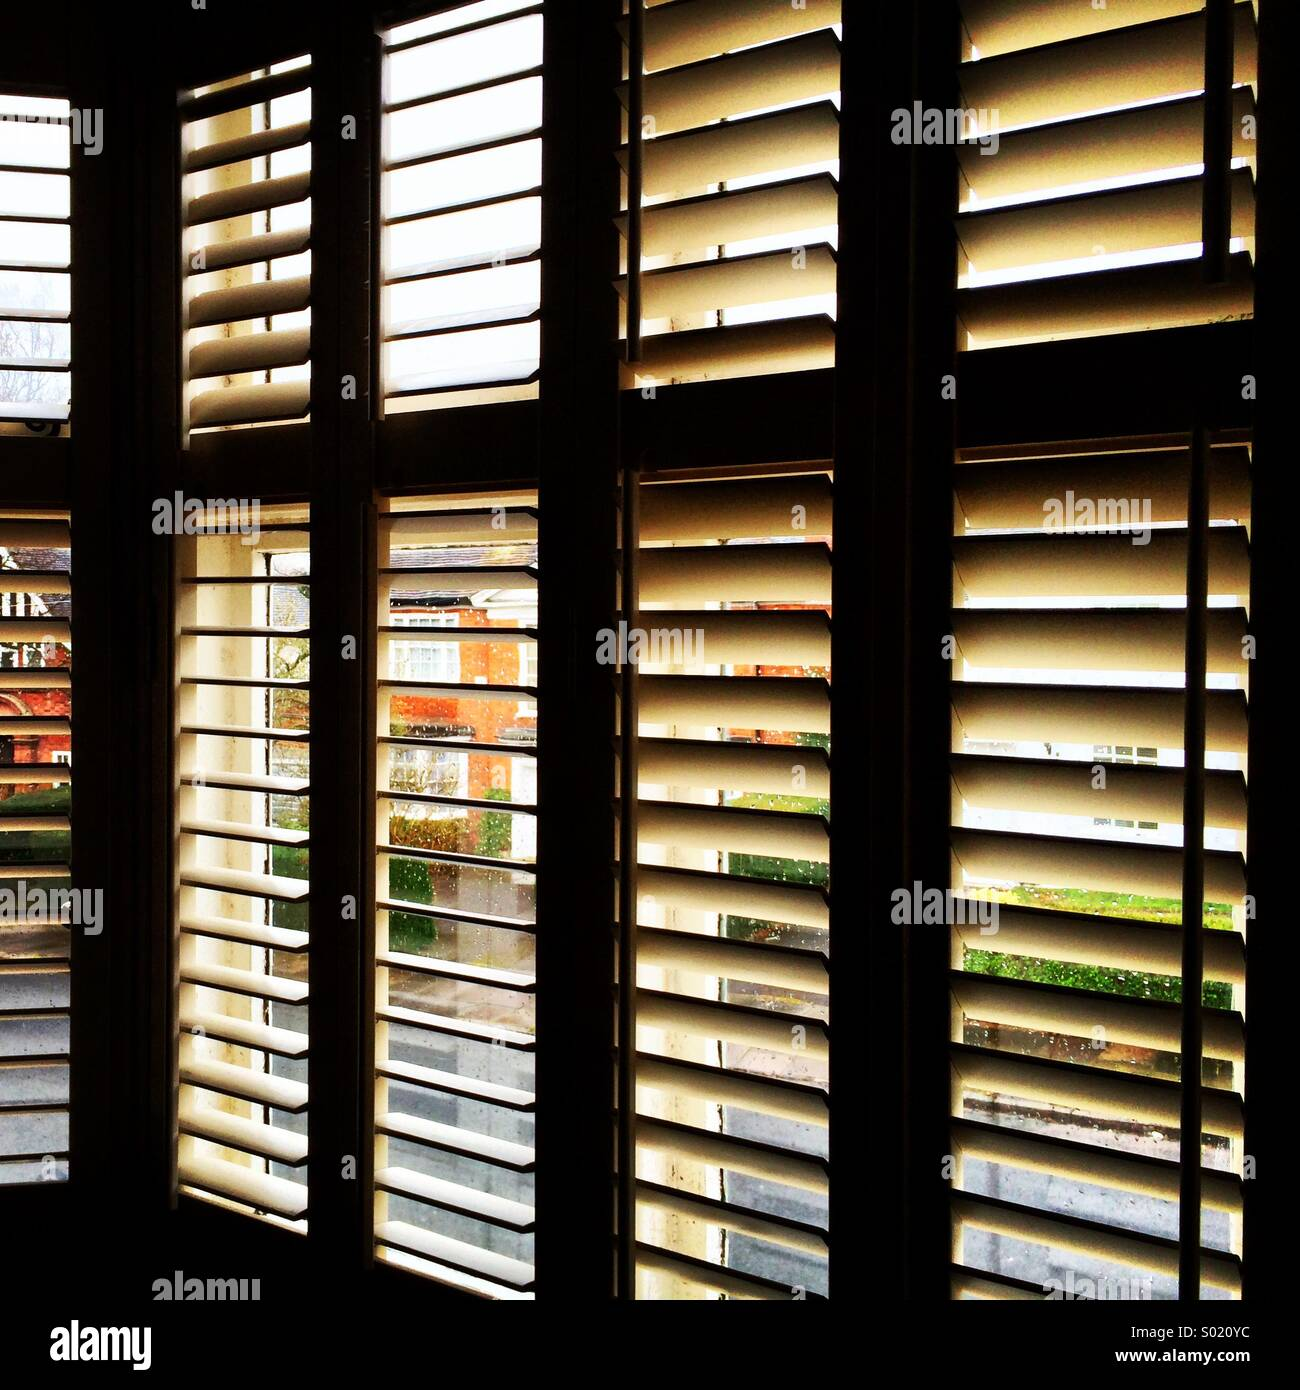 Aprire persiane alle finestre in corrispondenza di un angolo. Immagini Stock